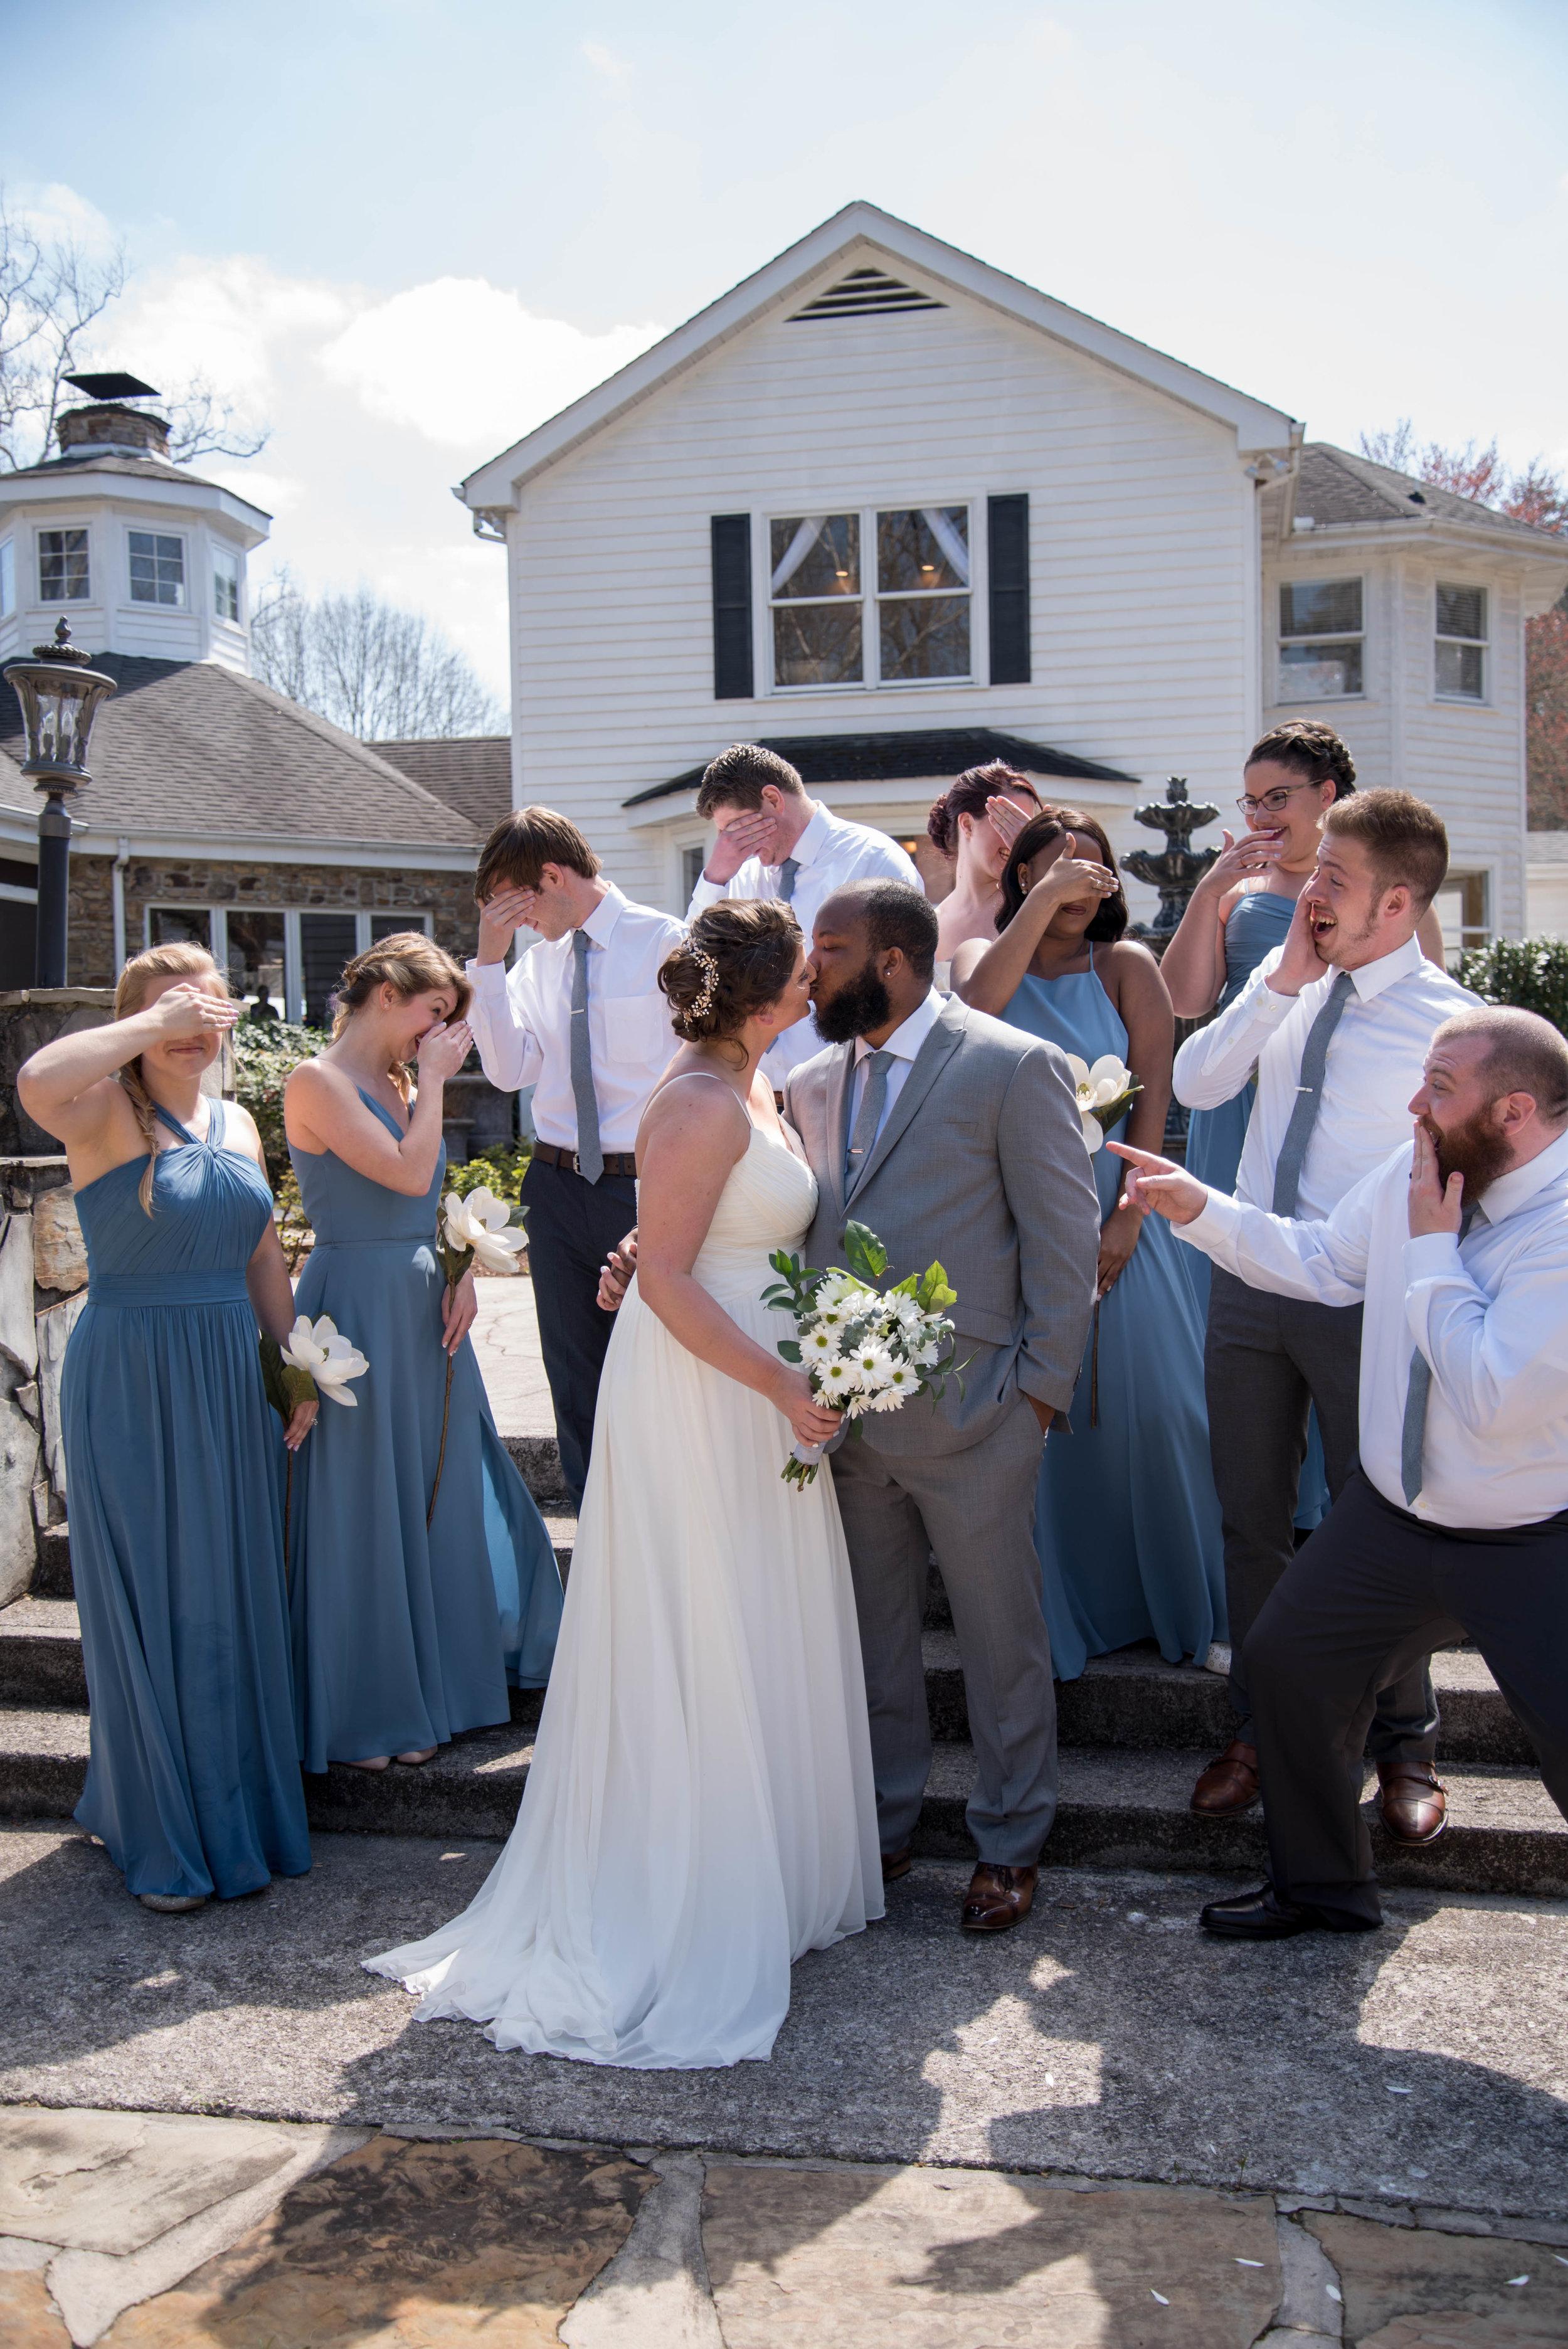 weddingparty-097.jpg